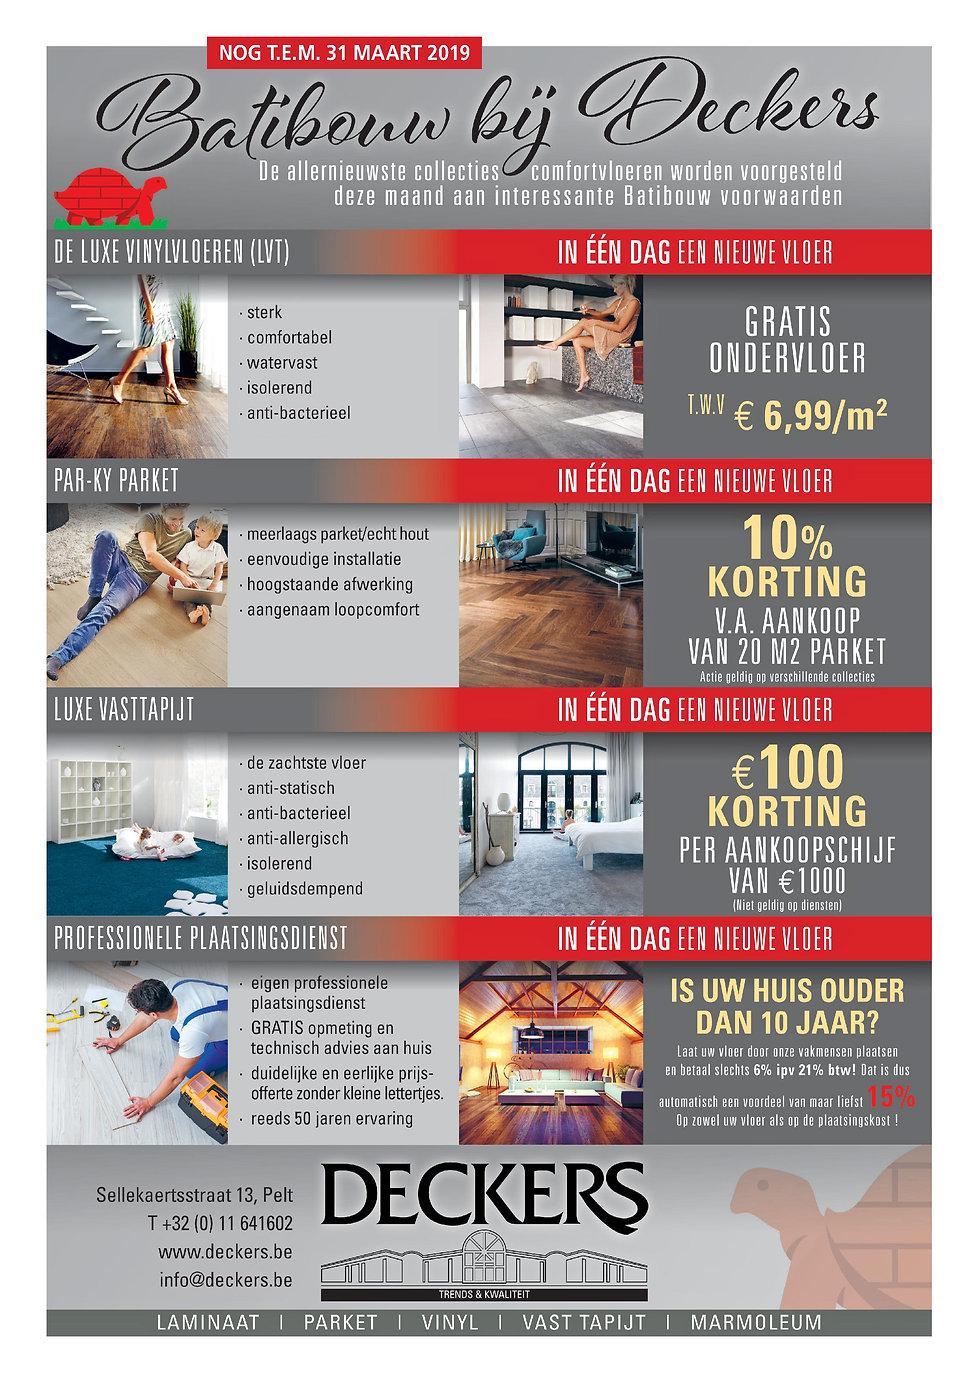 Acties Batirbouw Deckers voerbekleding